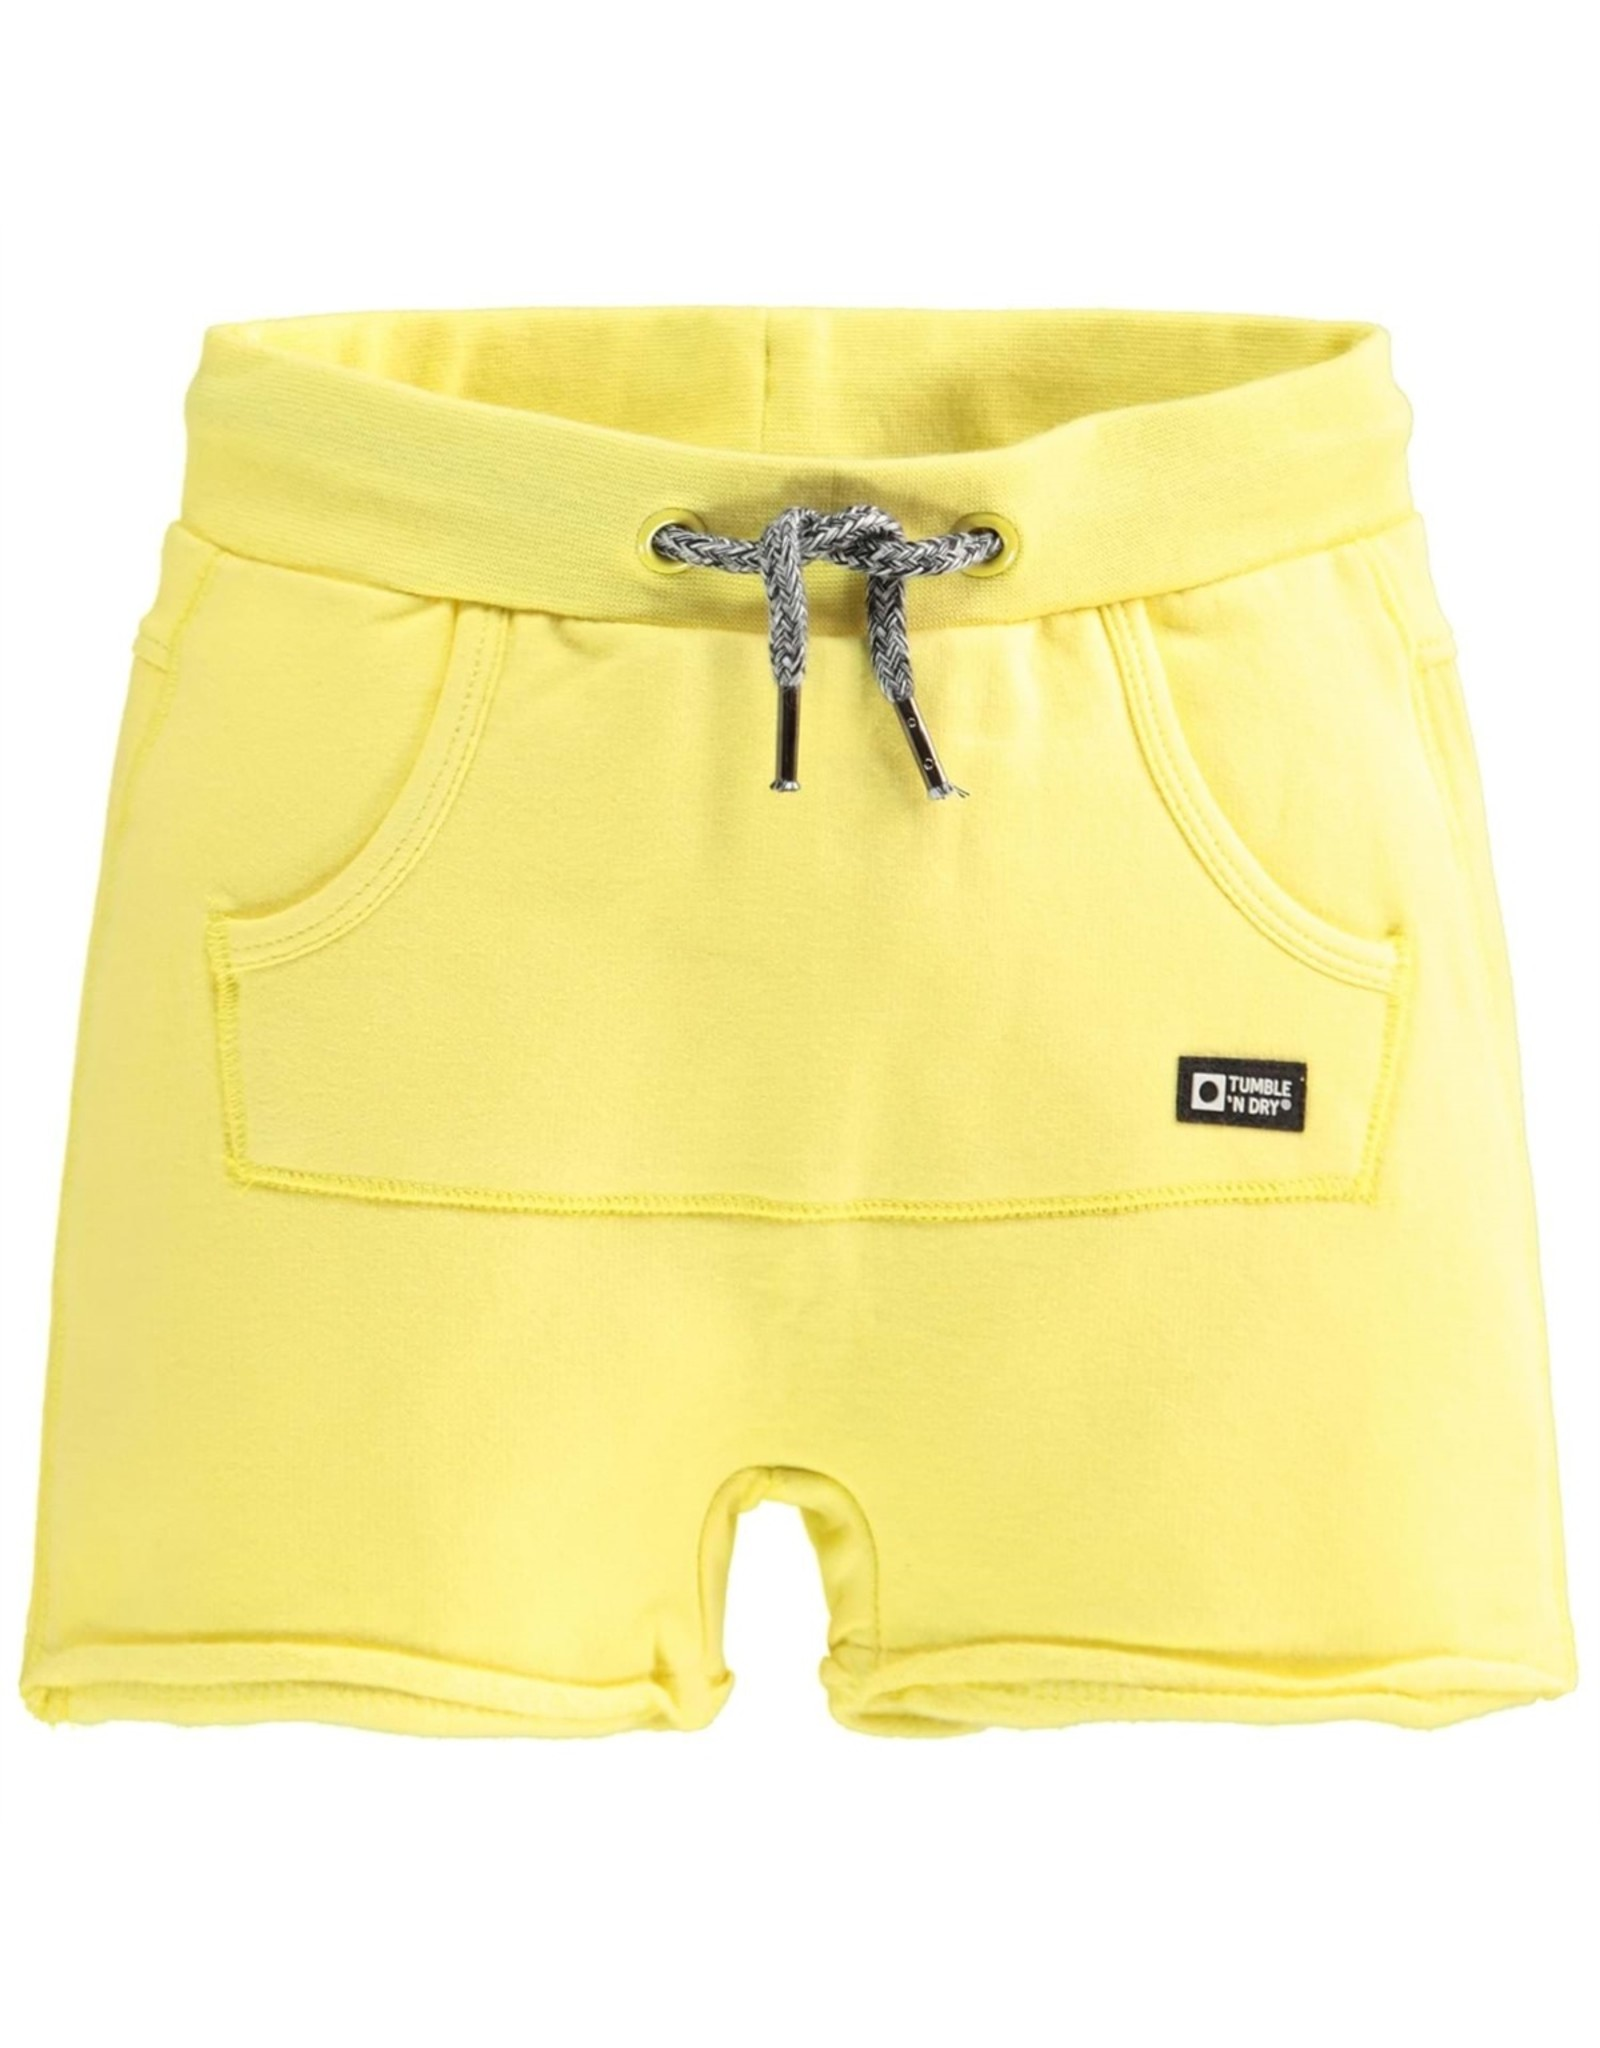 TUMBLE 'N DRY Tumble 'N Dry Boys Zero - Atis Yellow Corn